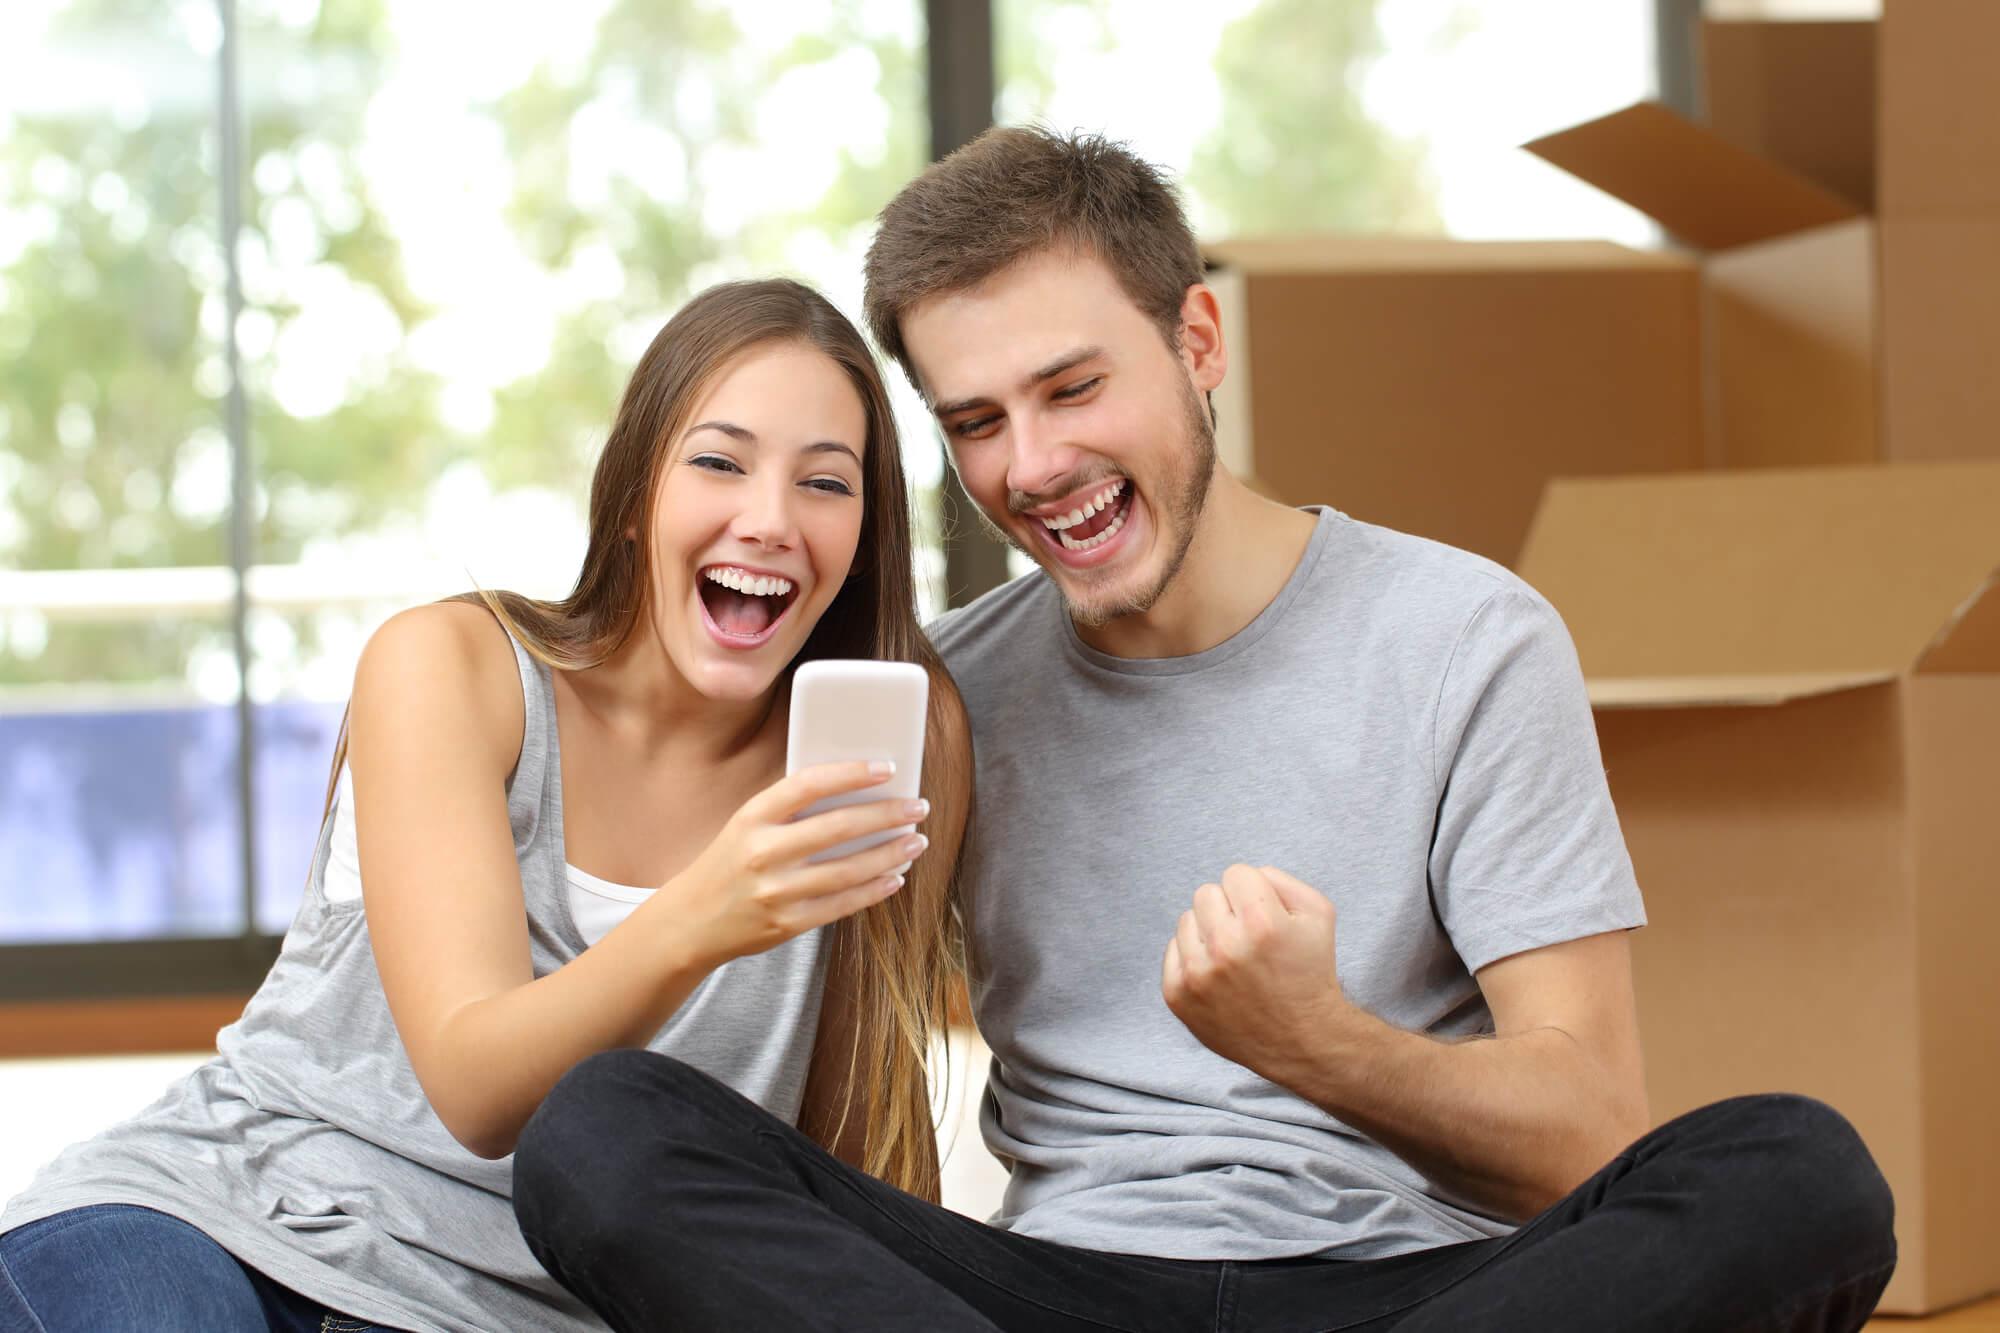 Lån Penge Online og få gang i drømmene